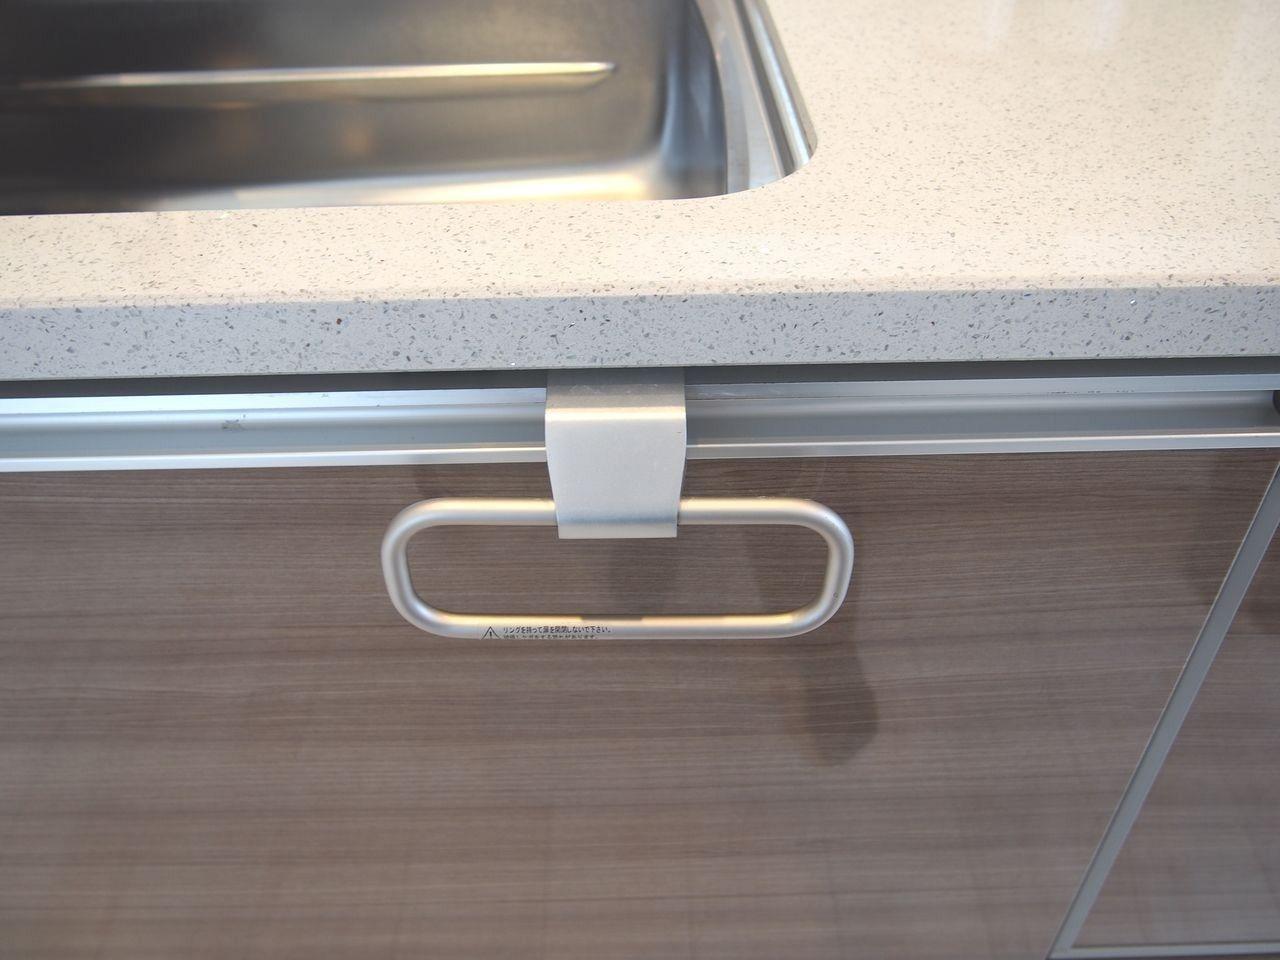 料理の最中は頻繁に手を拭くので、シンク近くにタオルがかけれると便利です。